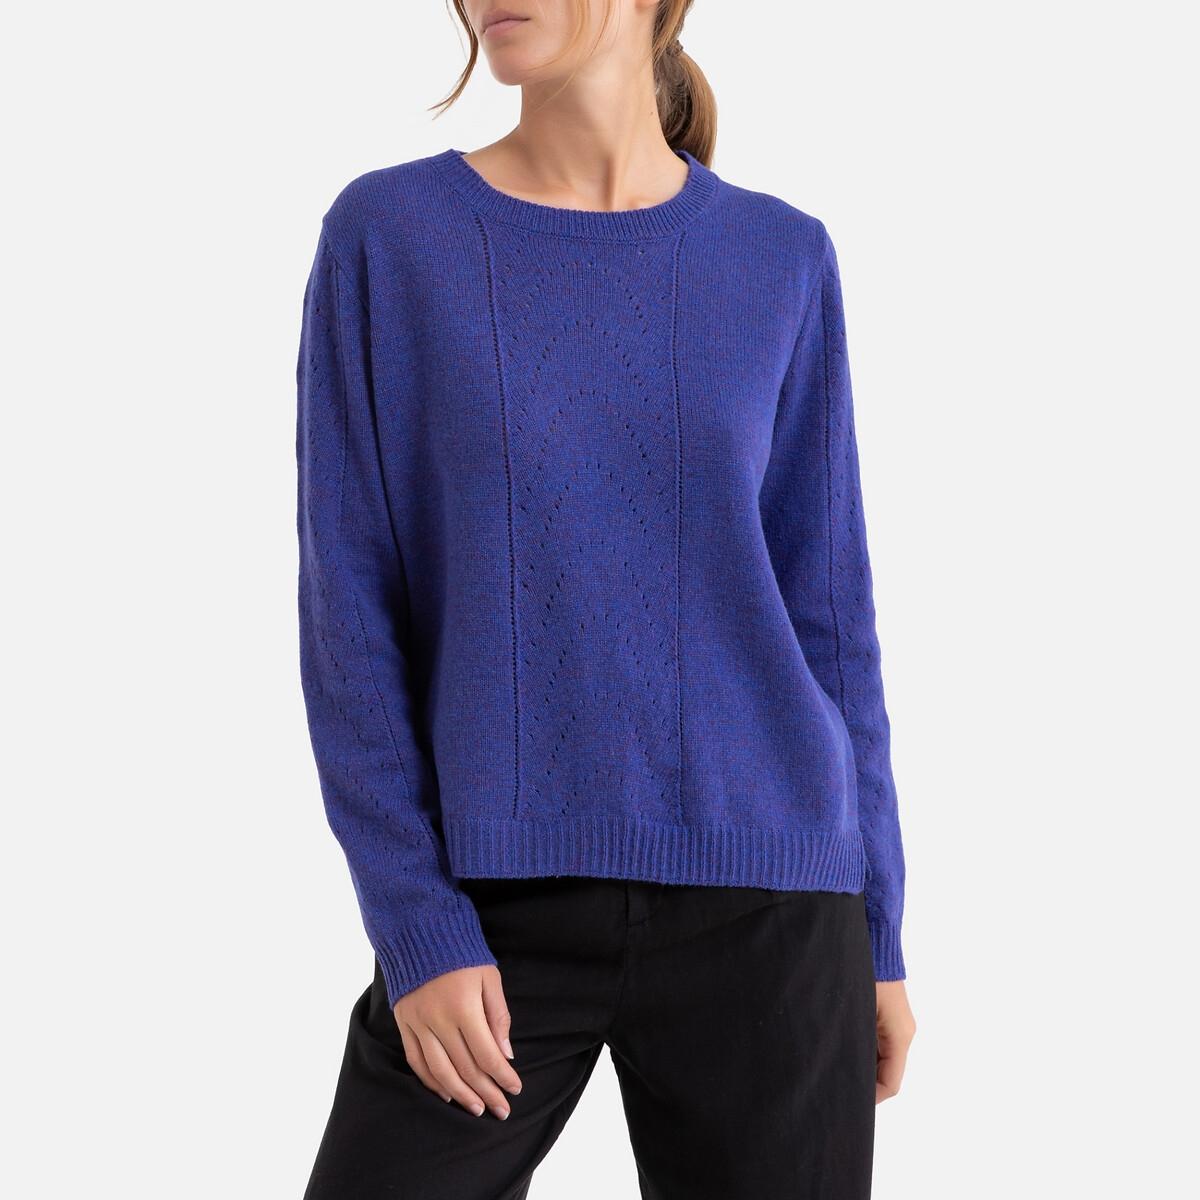 Фото - Пуловер La Redoute С круглым вырезом из тонкого трикотажа 2(M) синий пуловер la redoute с v образным вырезом из тонкого трикотажа florestine 2 m серый